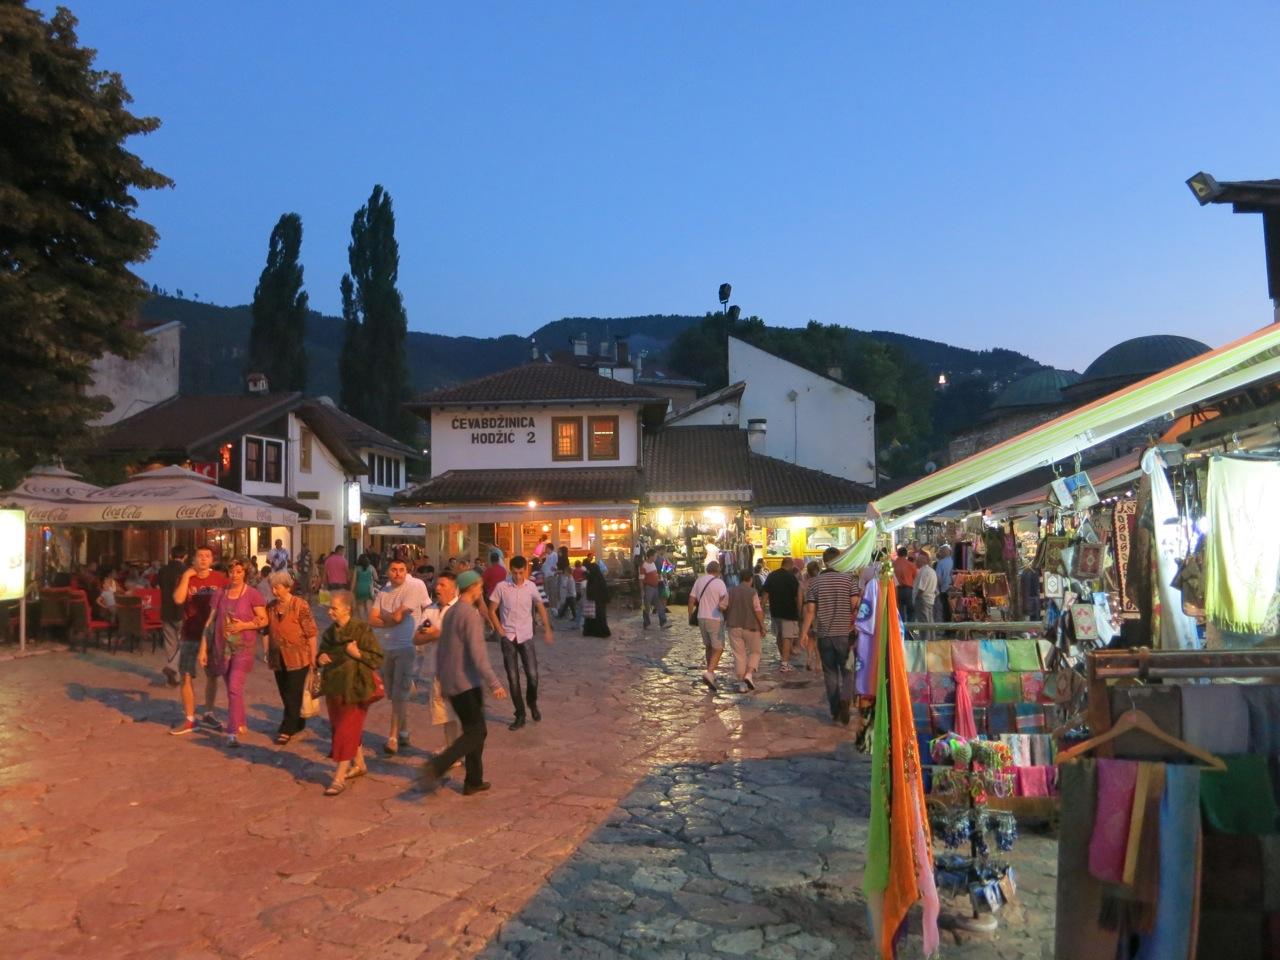 Sarajevo 2-23